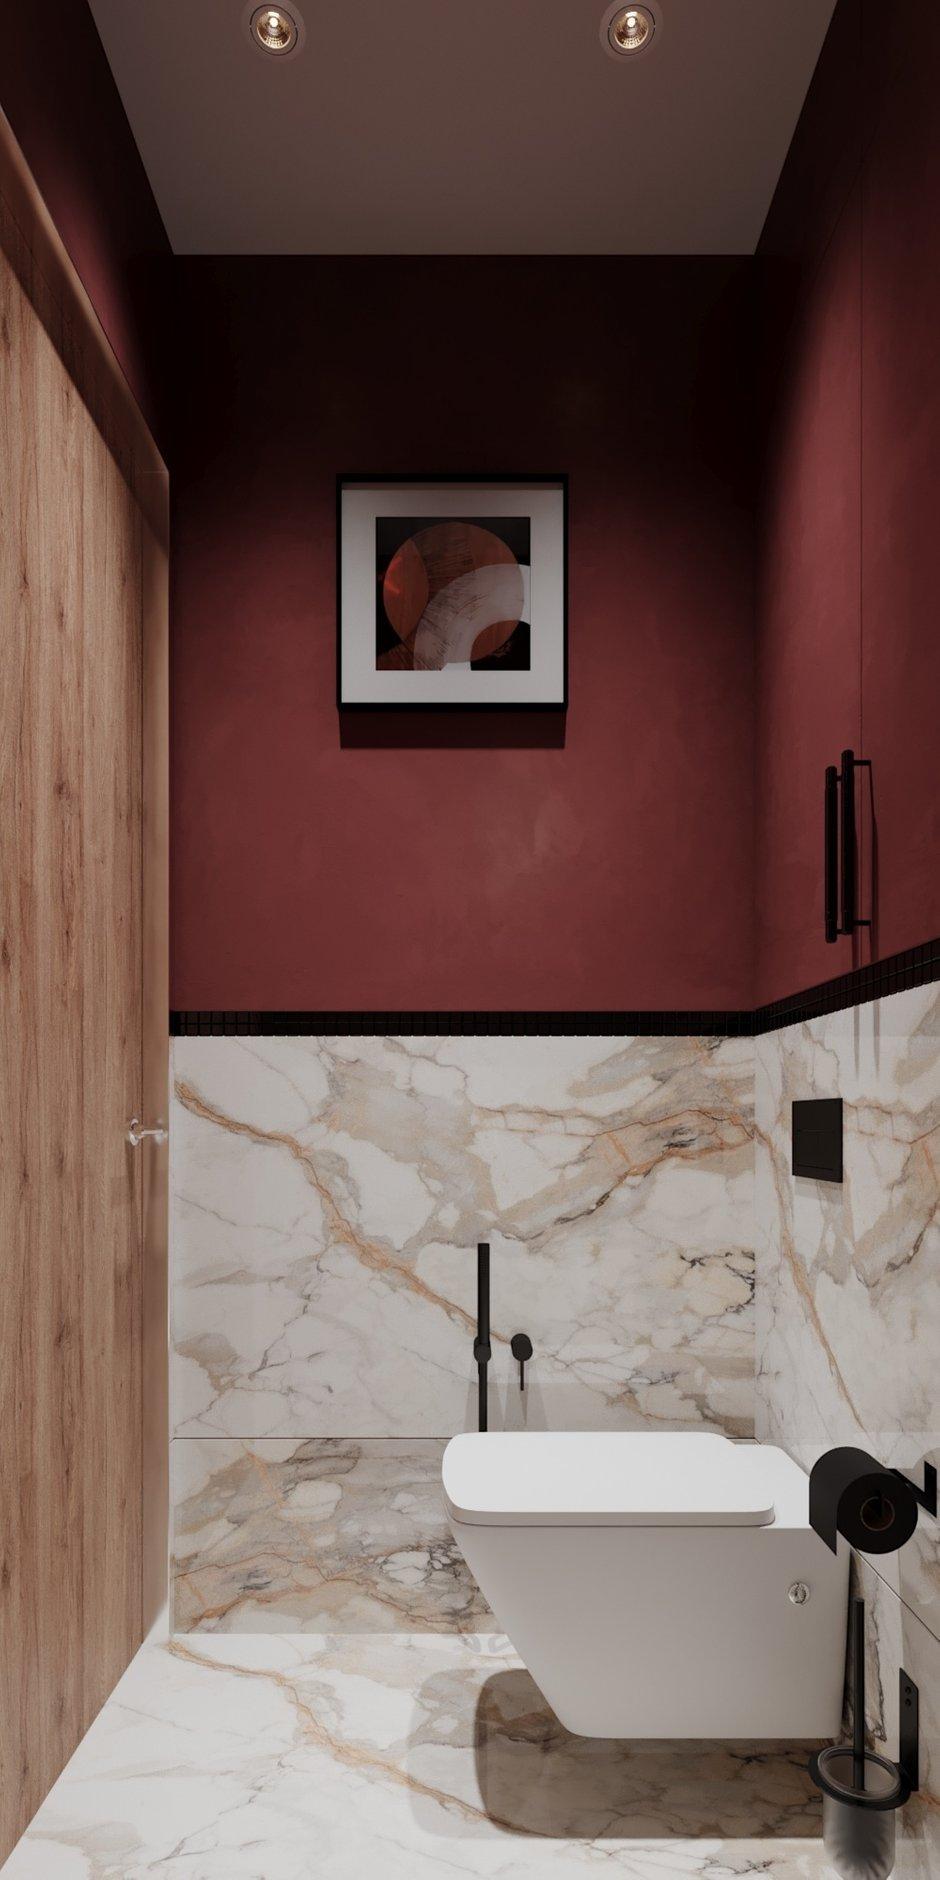 Фотография: Ванная в стиле Современный, Эклектика, Квартира, Проект недели, Монолитный дом, 3 комнаты, 60-90 метров, Светлана Удзилаури, Брянск – фото на INMYROOM